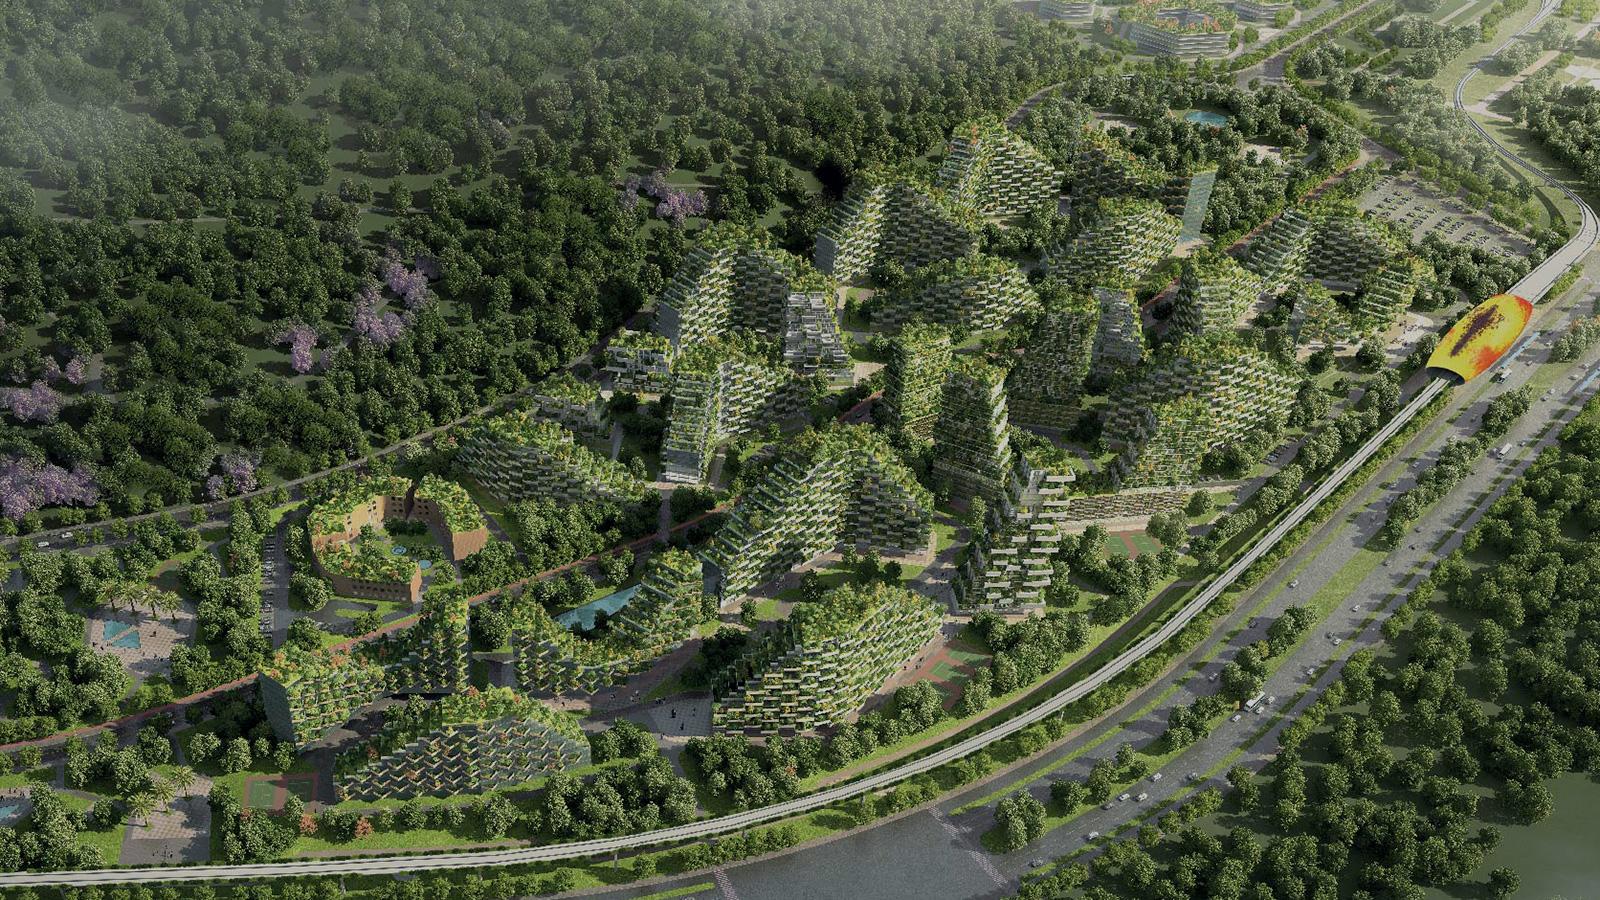 Les secrets de l'architecte qui construit les villes-forêts du futur